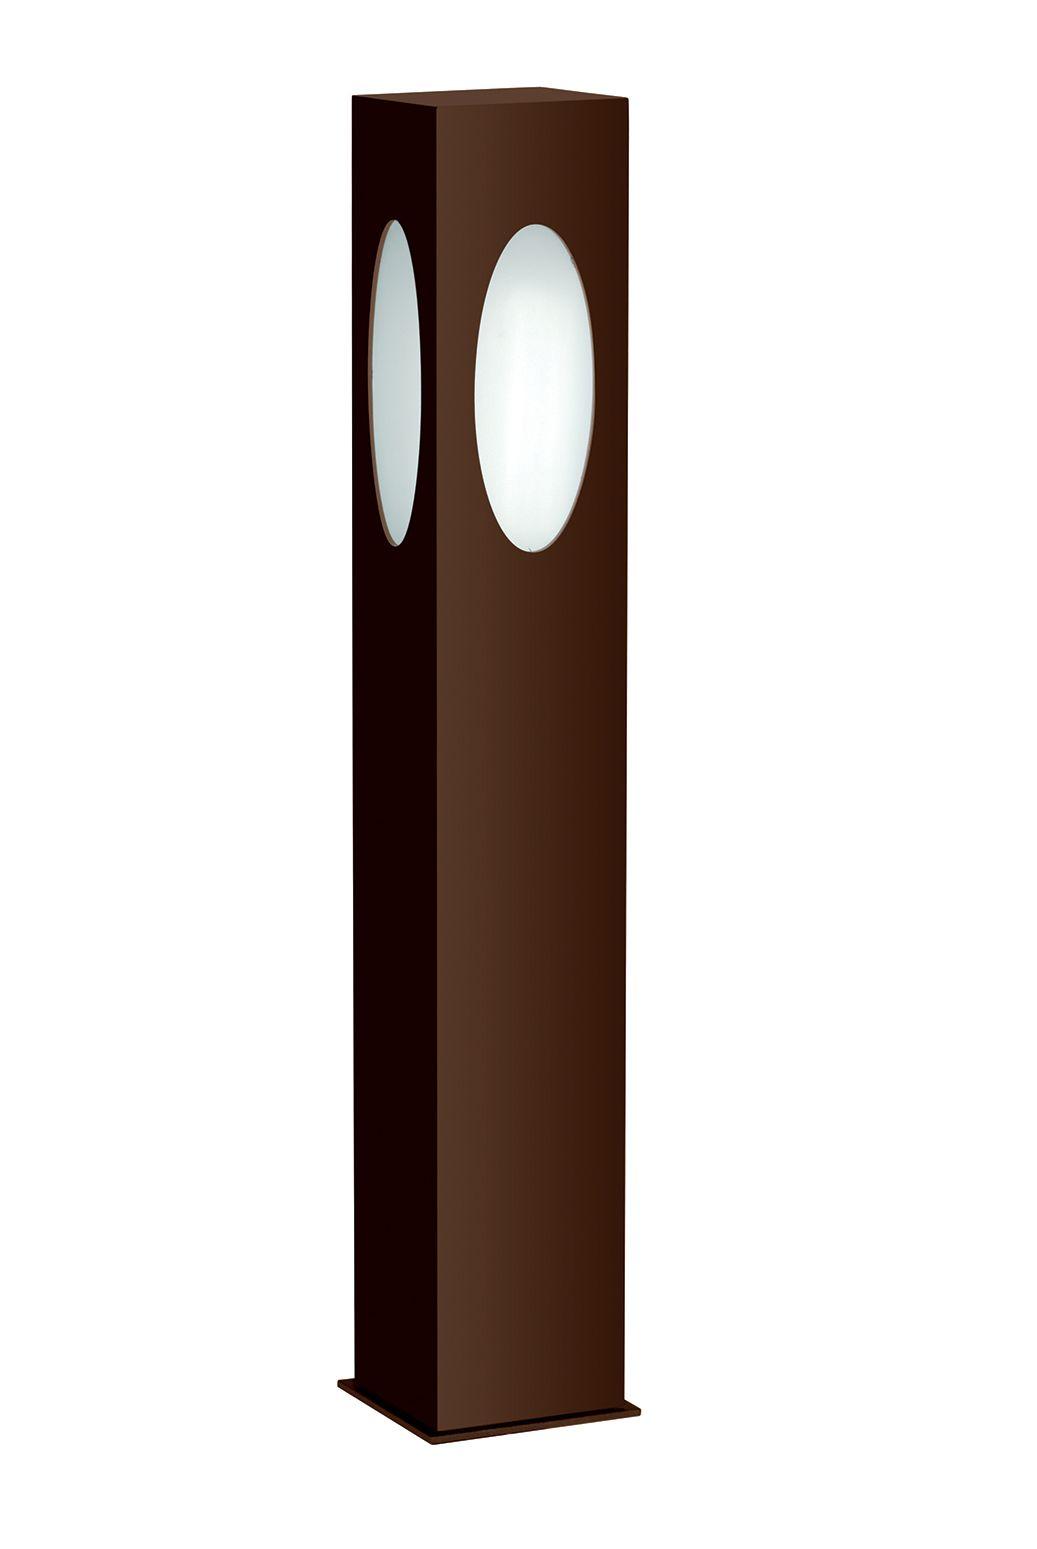 Balizador para piso ovate - Newline